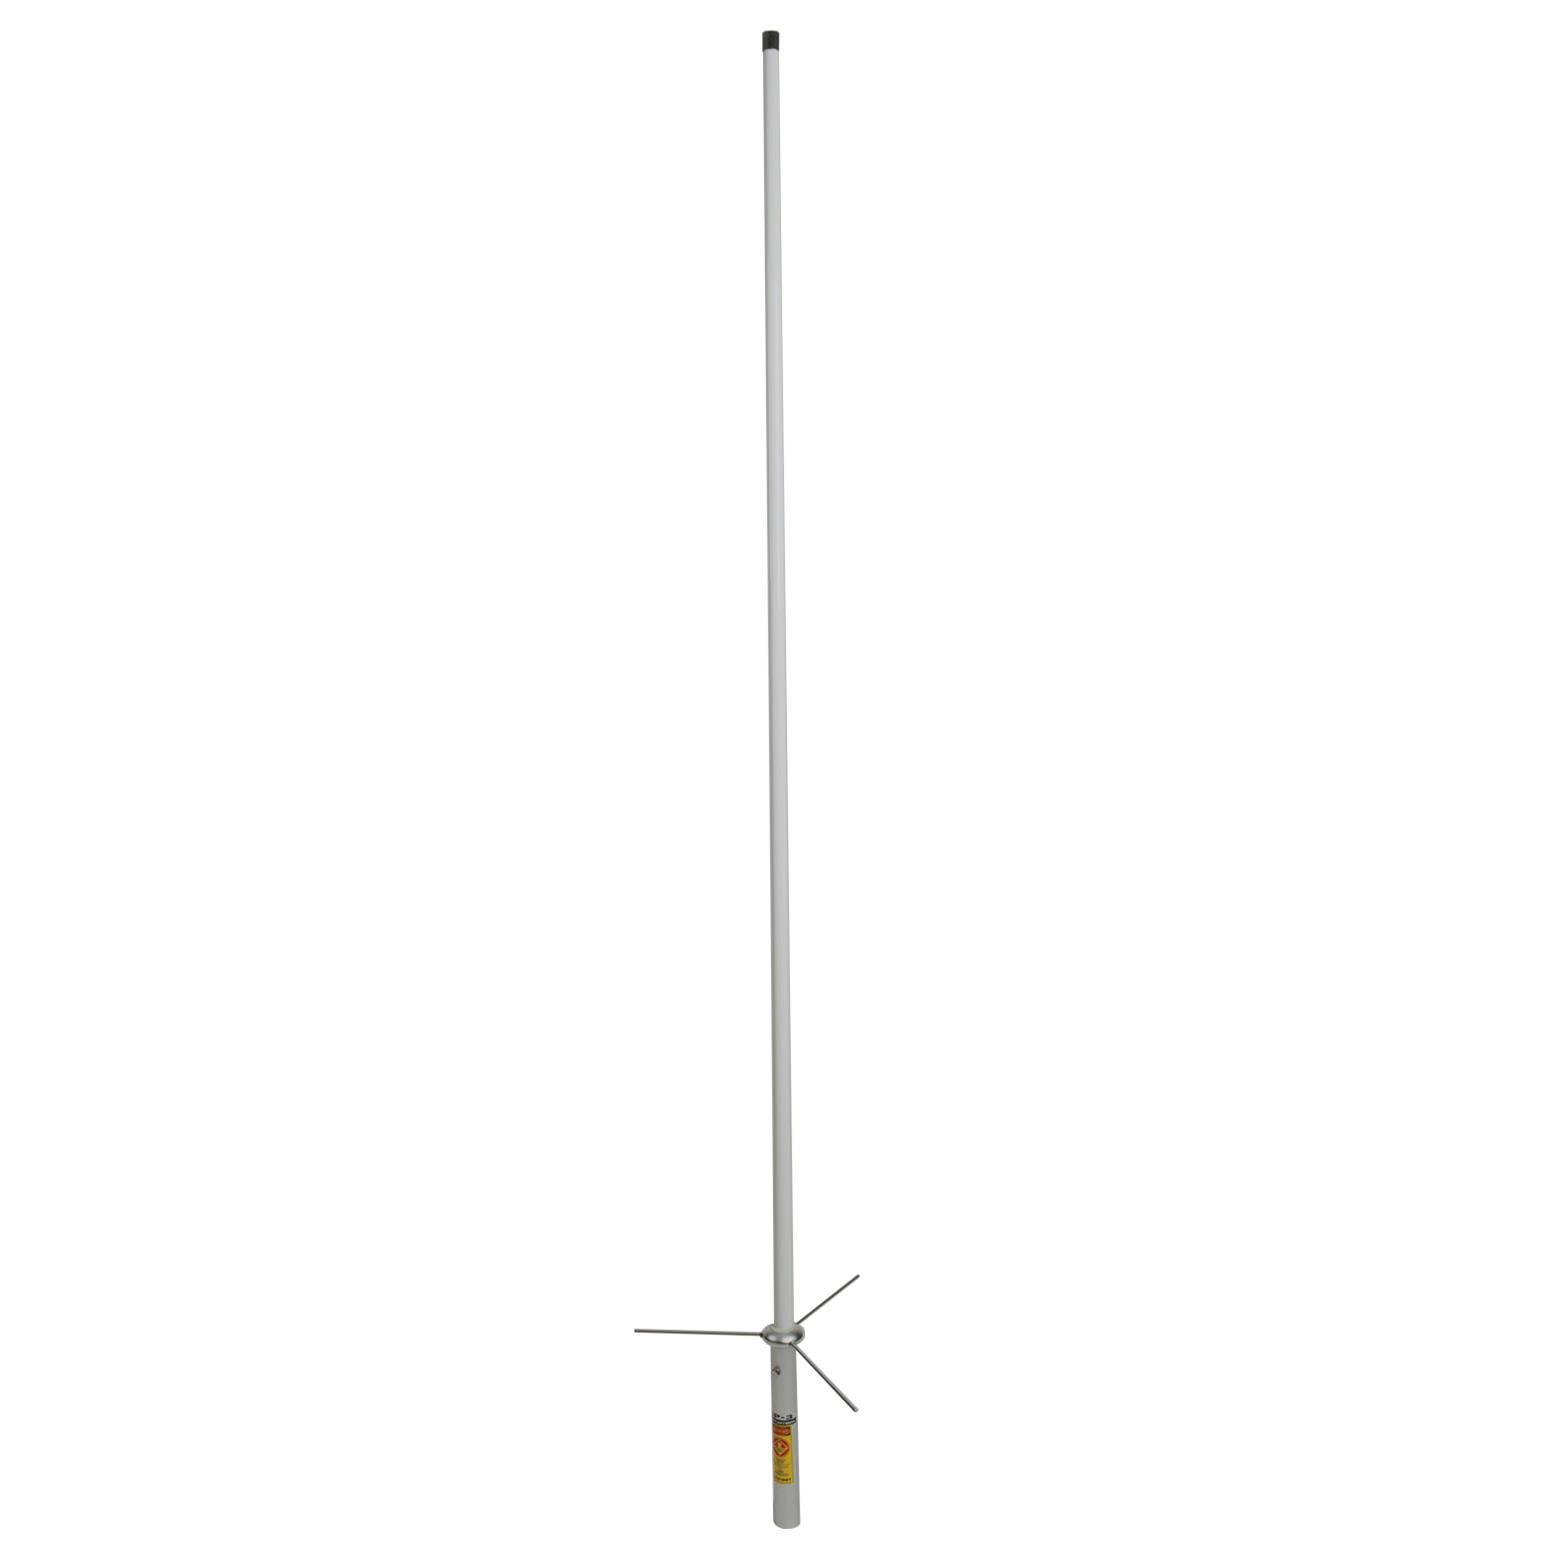 8 Ft Amateur Dual-Band UHF VHF 2-Section Fiberglass Base Radio Antenna 200 Watt